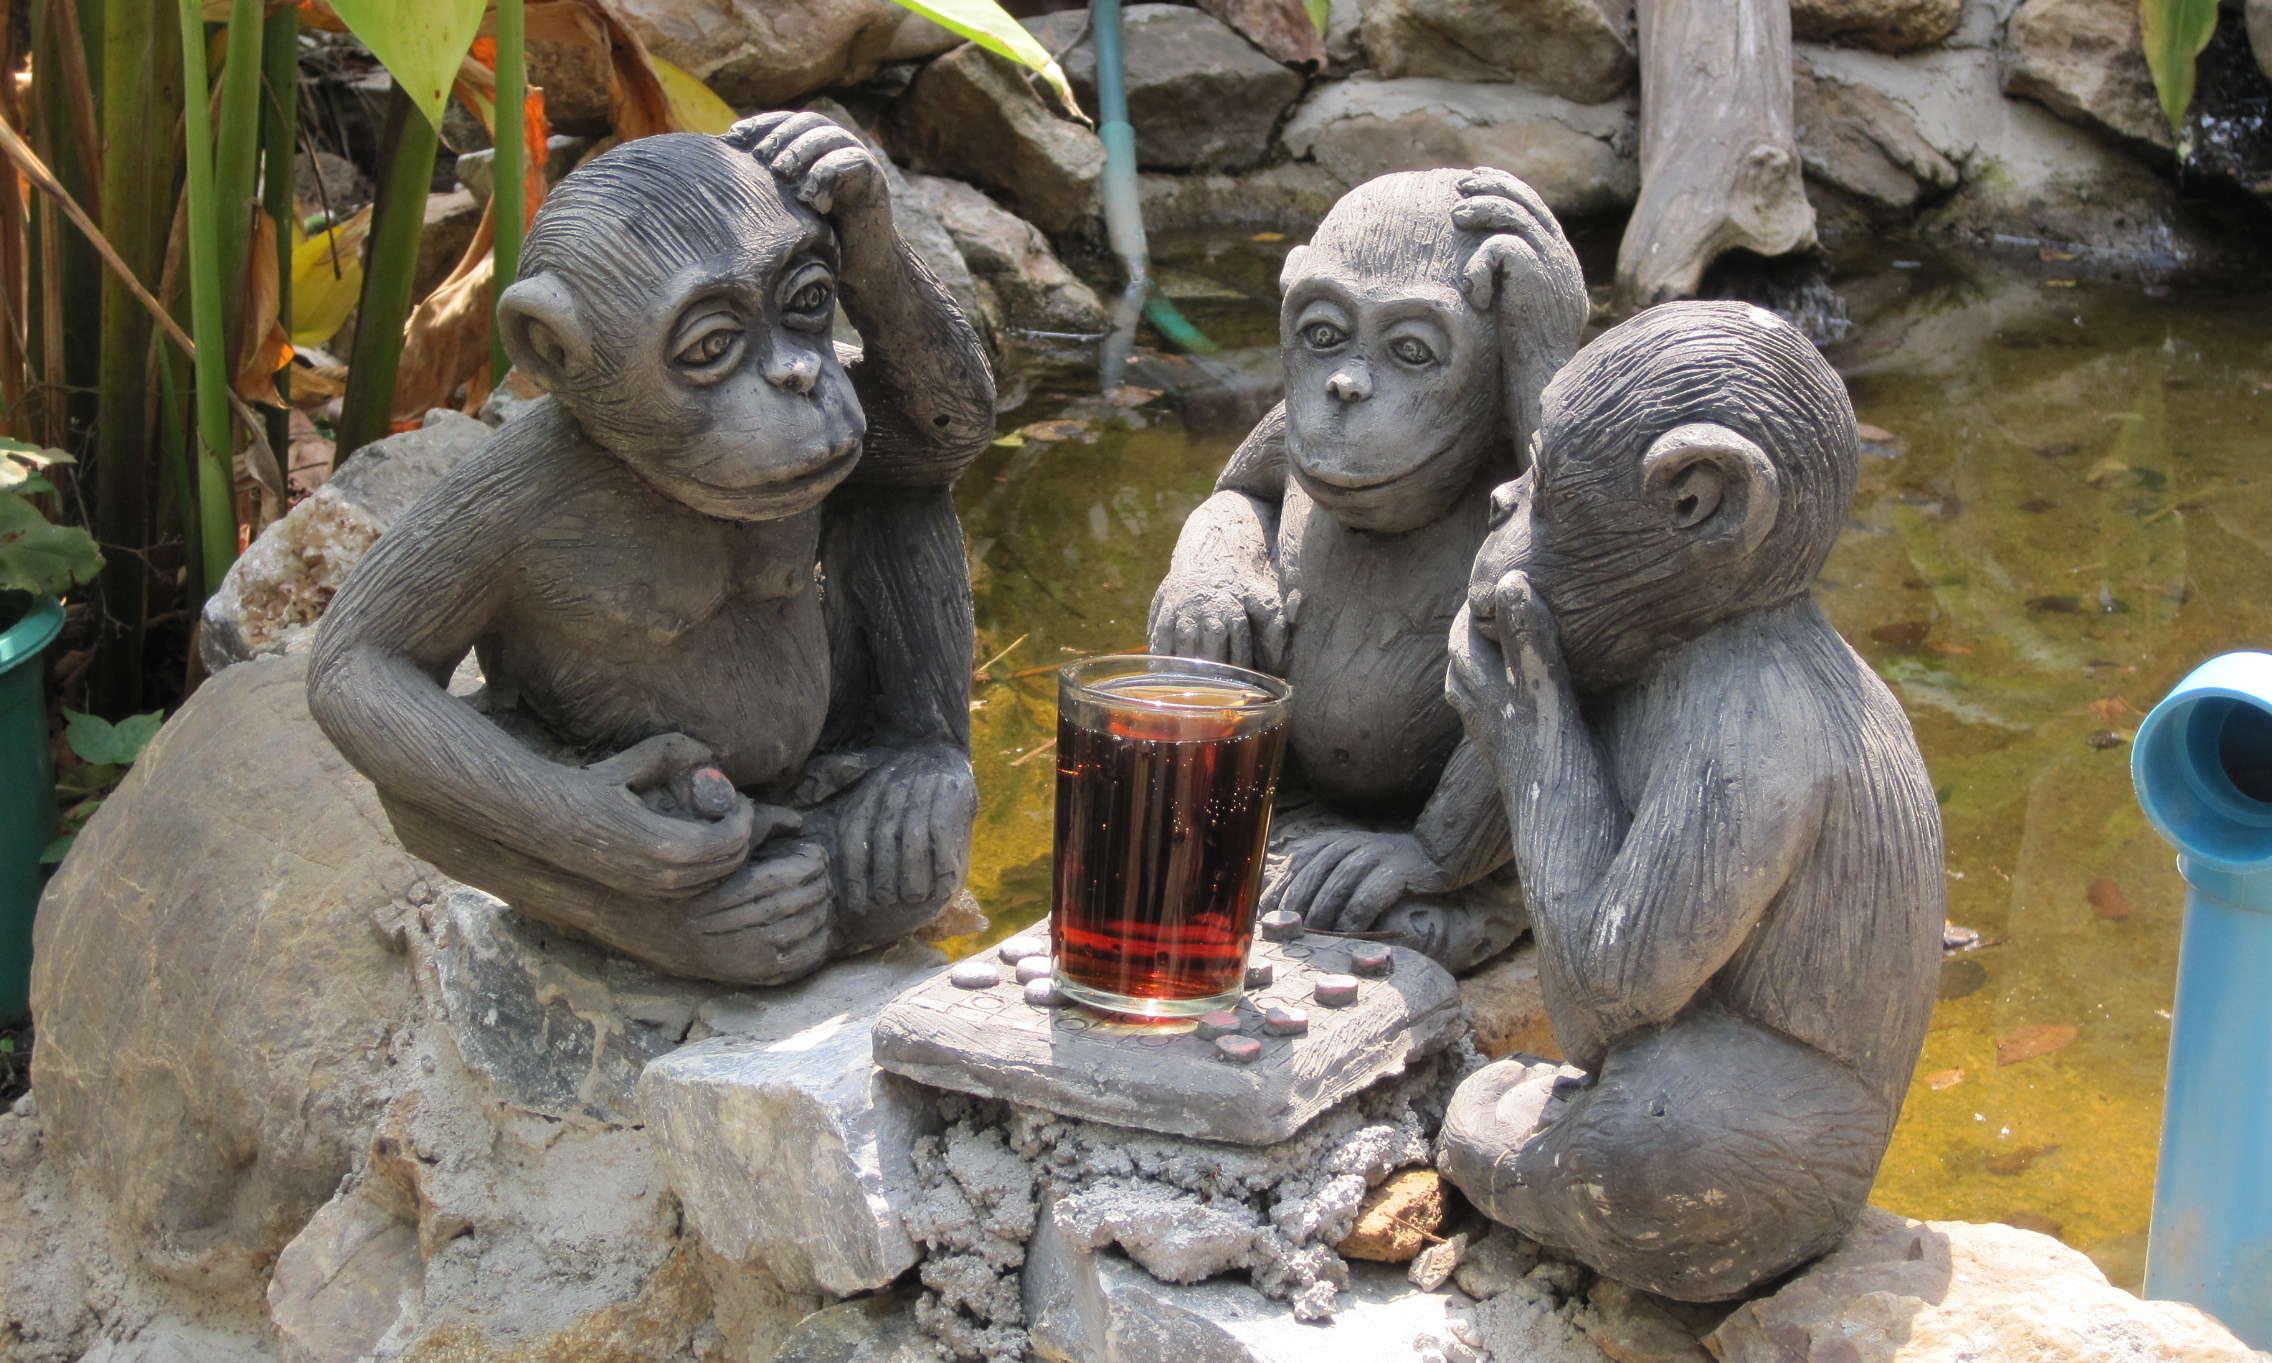 Integrity among monkeys